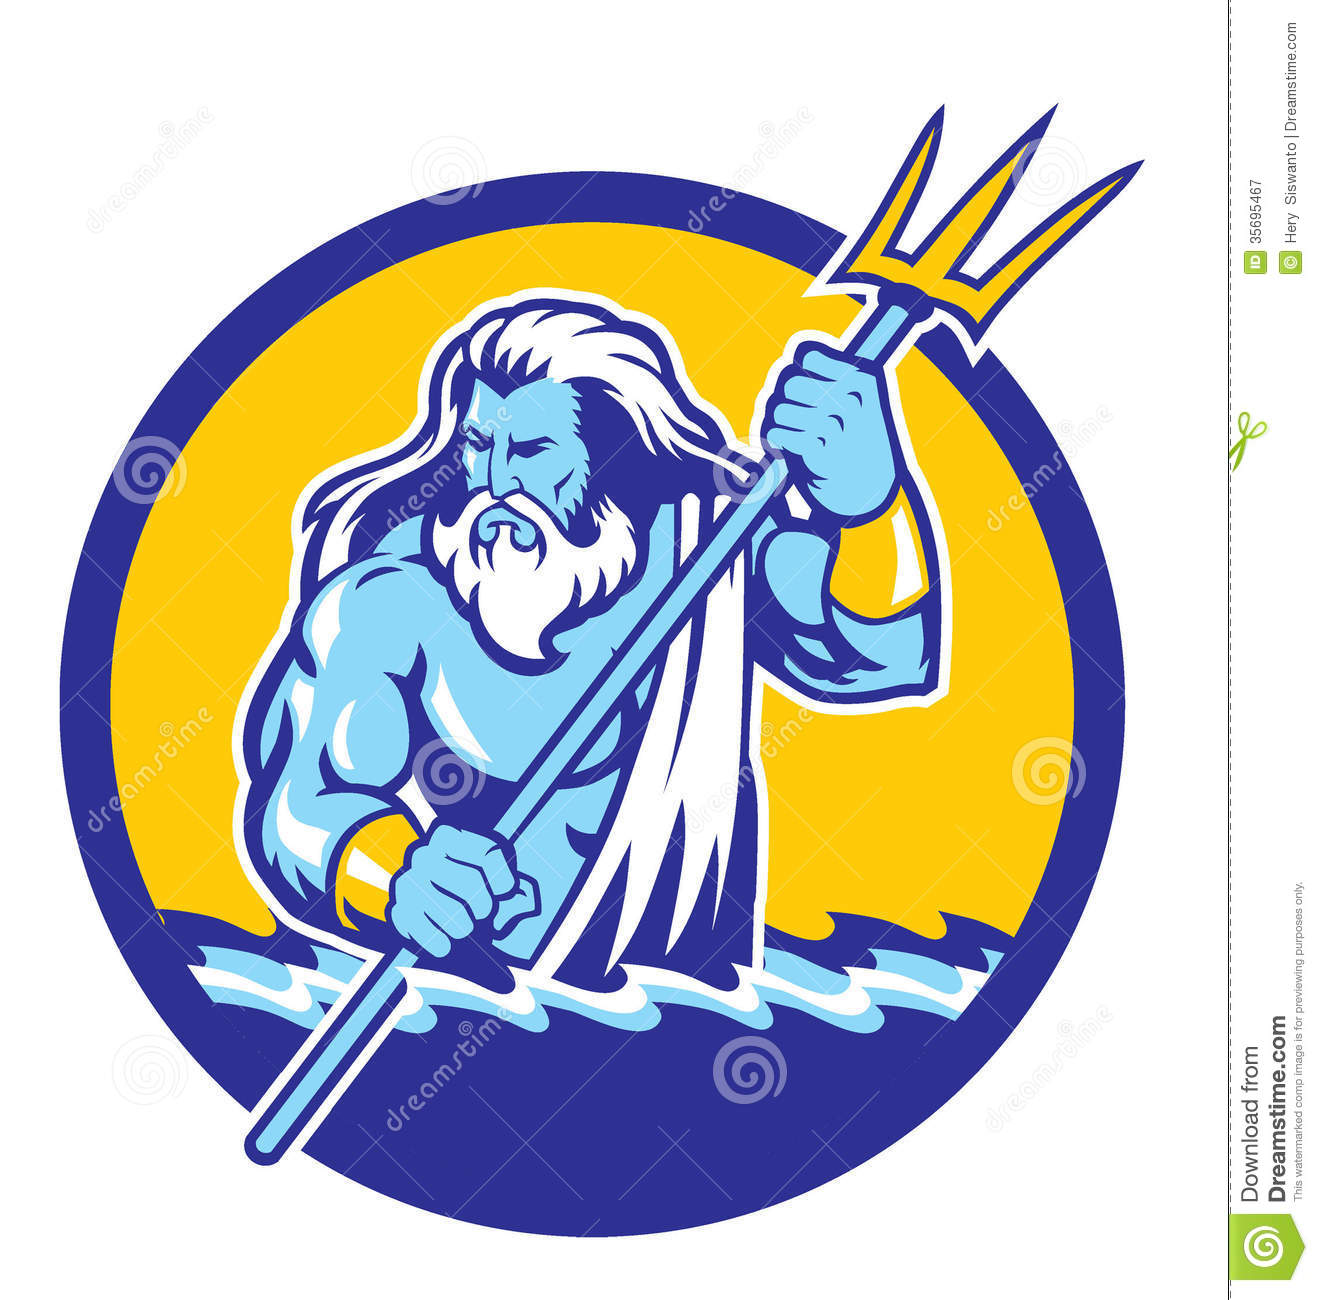 Poseidon Royalty Free Stock Photography-Poseidon Royalty Free Stock Photography-11